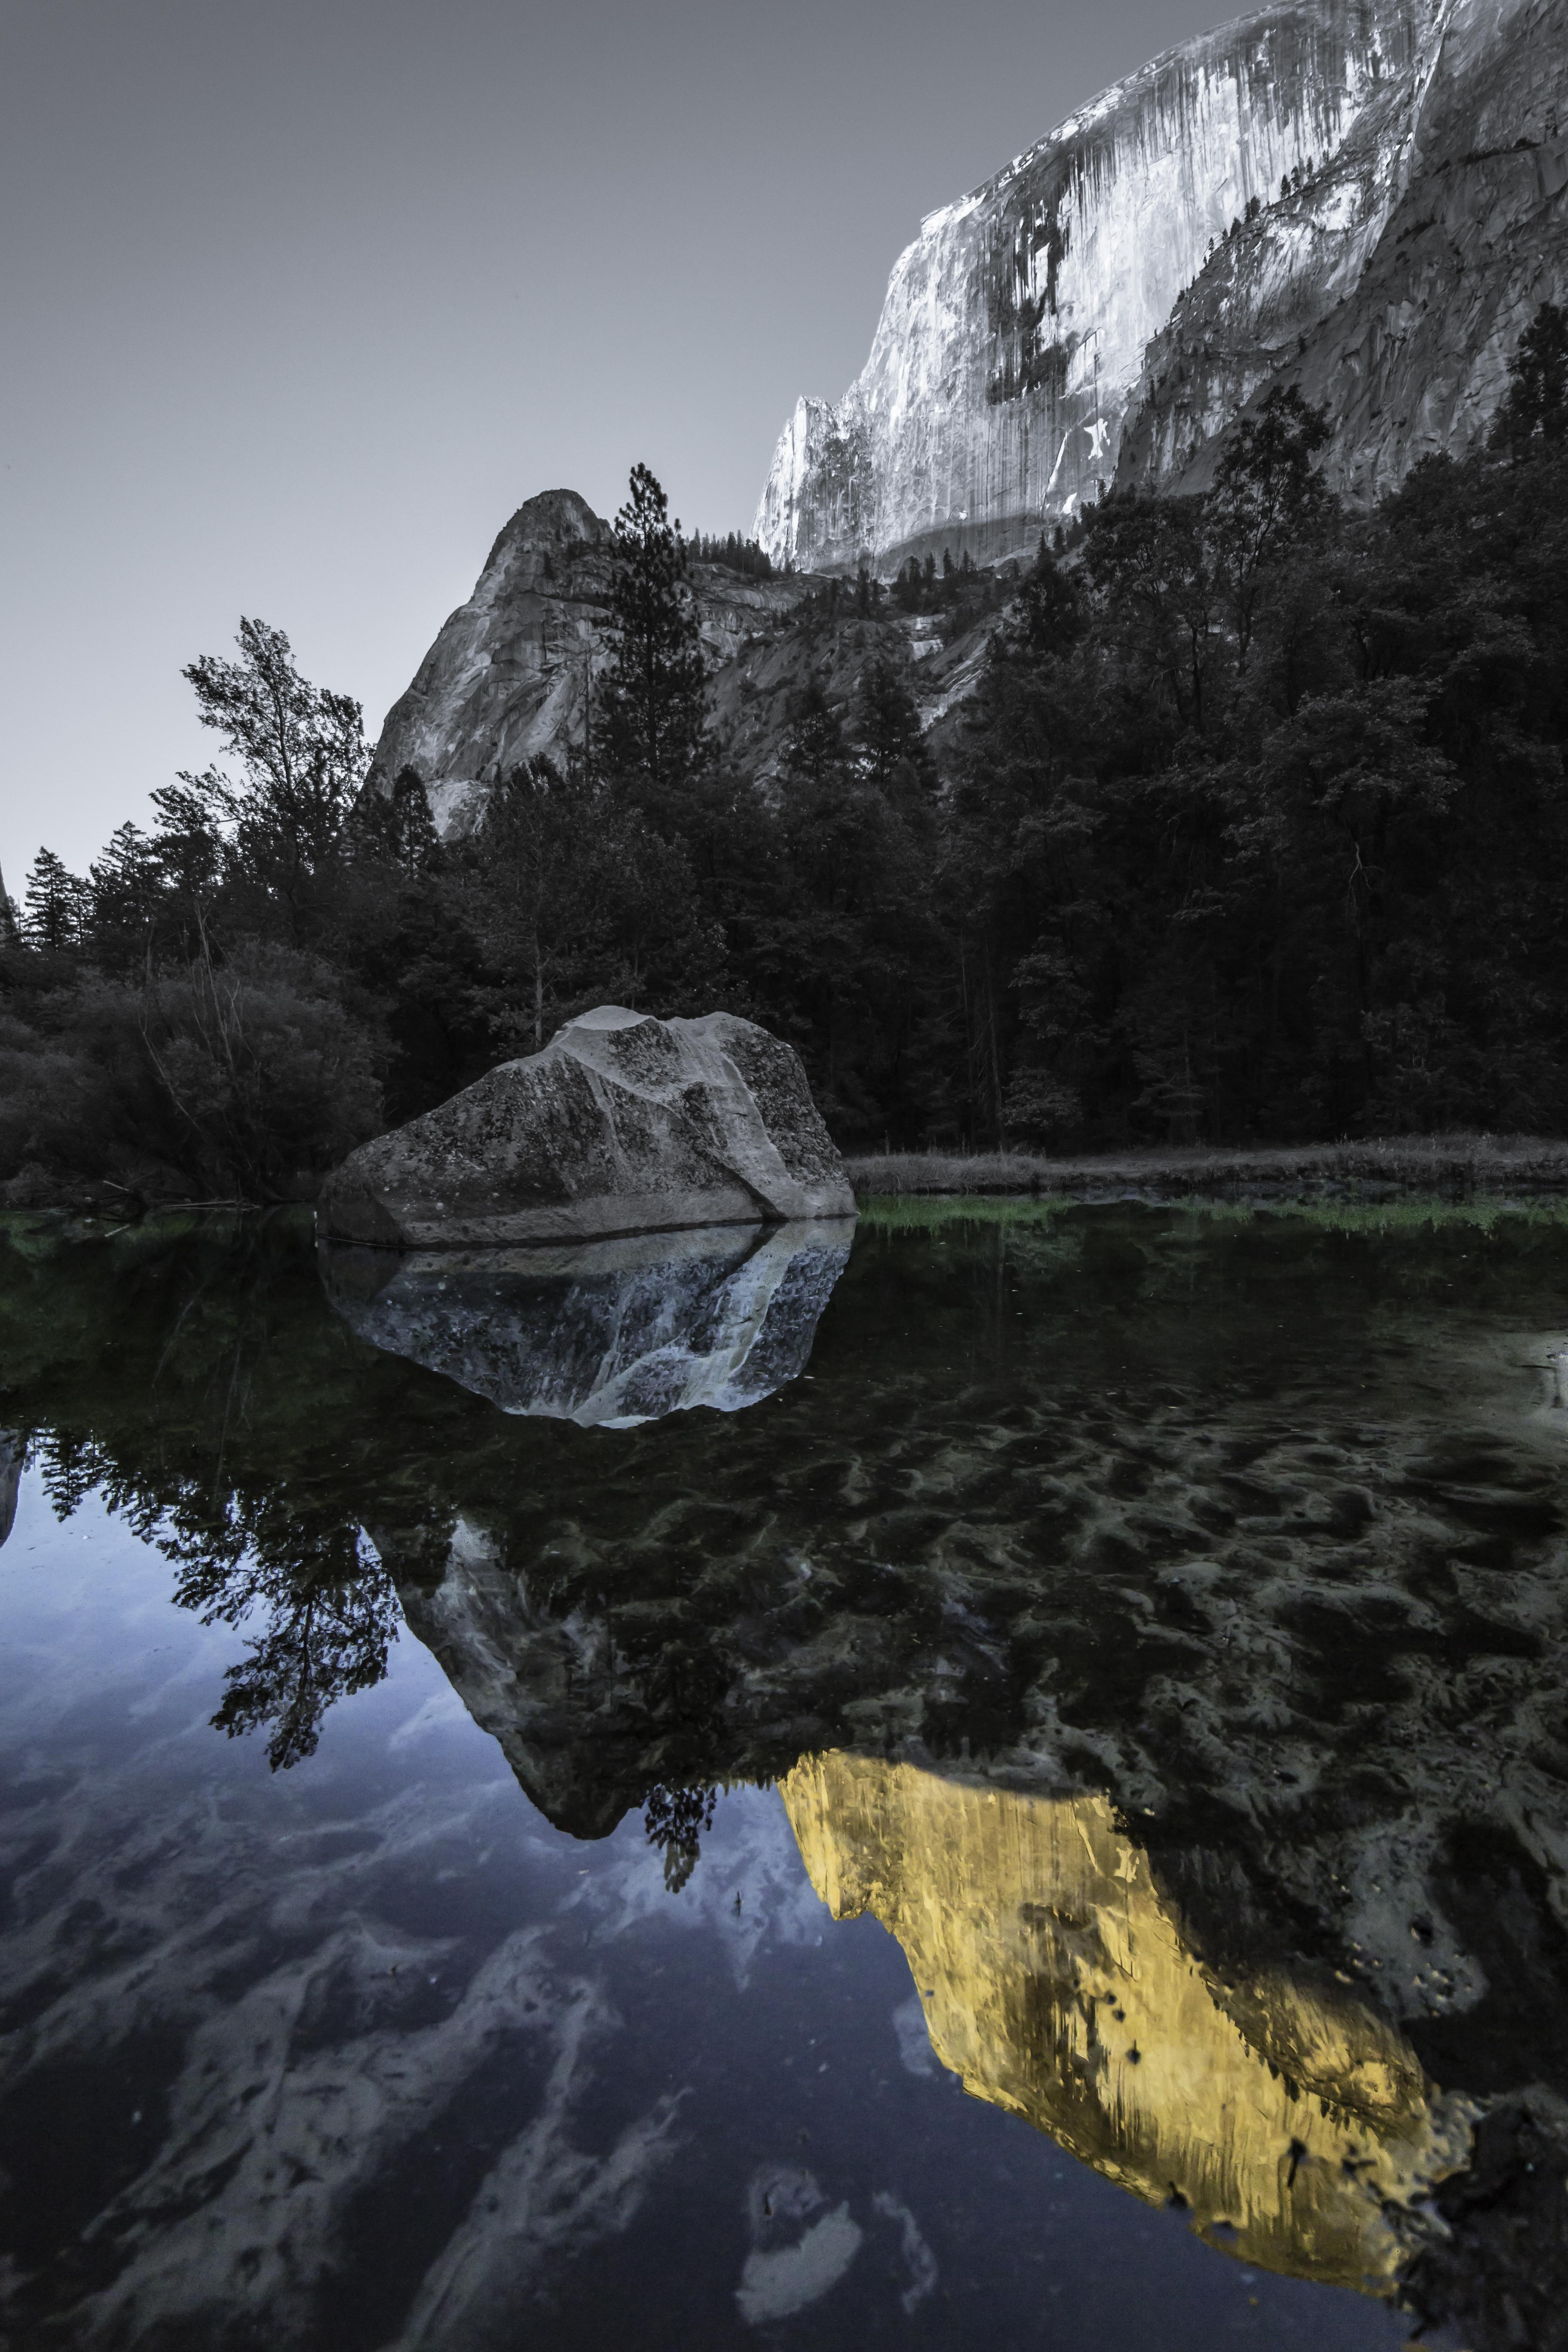 Mirror Lake Yosemite National Park large